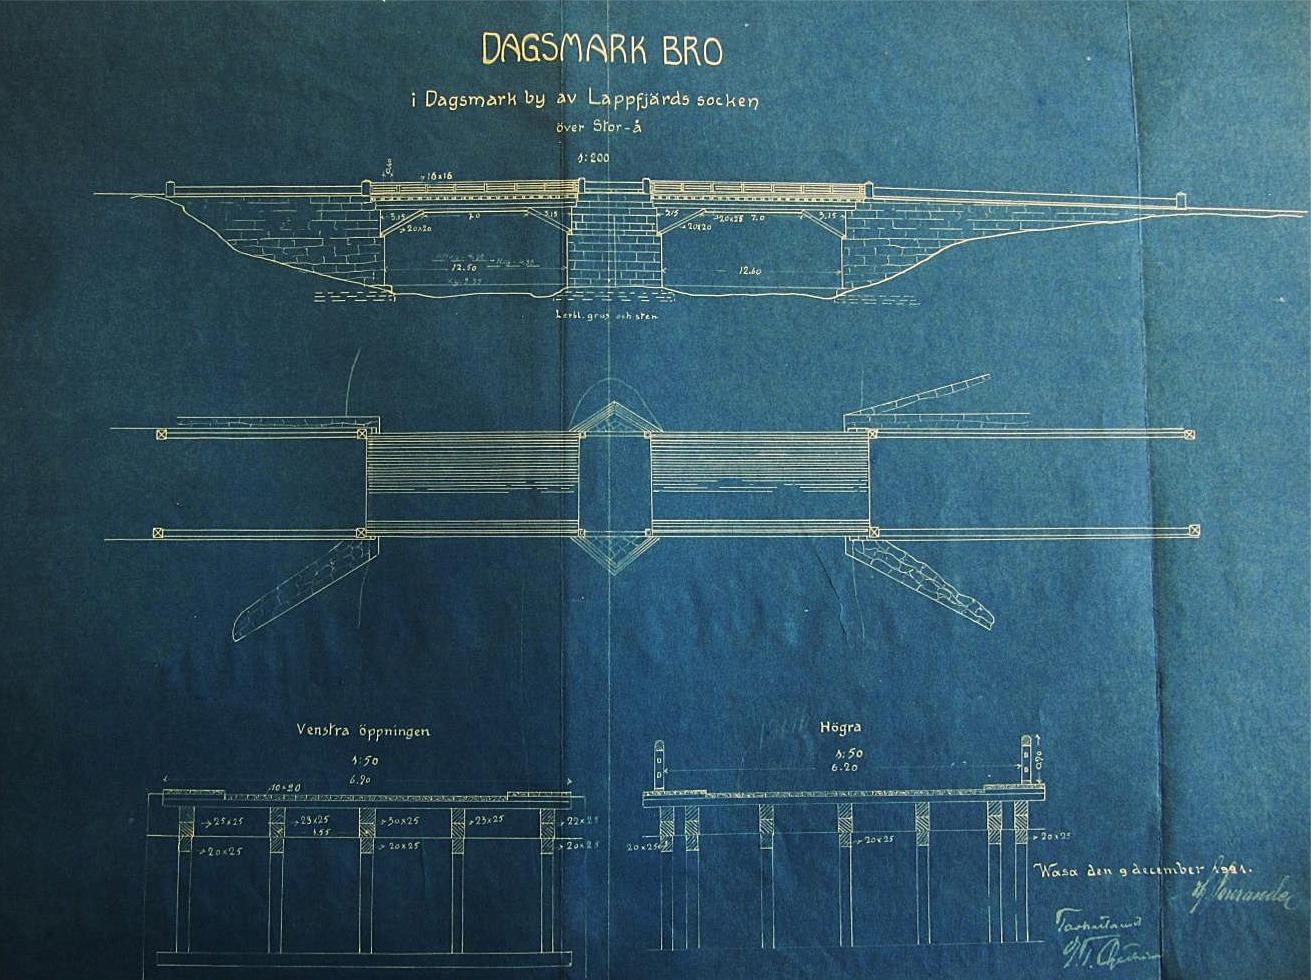 """År 1921 ville Herr Landshövdingen i Vasa ha en utredning över broarnas skick i Lappfjärd. På den tiden fanns det i kommunen endast 3 broar som underhölls av staten, nämligen Pärus bron, Stor-eller Nybron i Lappfjärd och Dagsmark Bron. På grund av detta gjorde äldre ingeniören Hjalmar Sourander undersökningar som visade att bron i Pärus som var byggd så sent som 1913 var av så dålig konstruktion """"att dennas bärförmåga inte beräknas till mycket mera än dess egen tyngd, och kan därför icke godkännas"""". Dagsmark Bro som den då kallades blev däremot godkänd."""